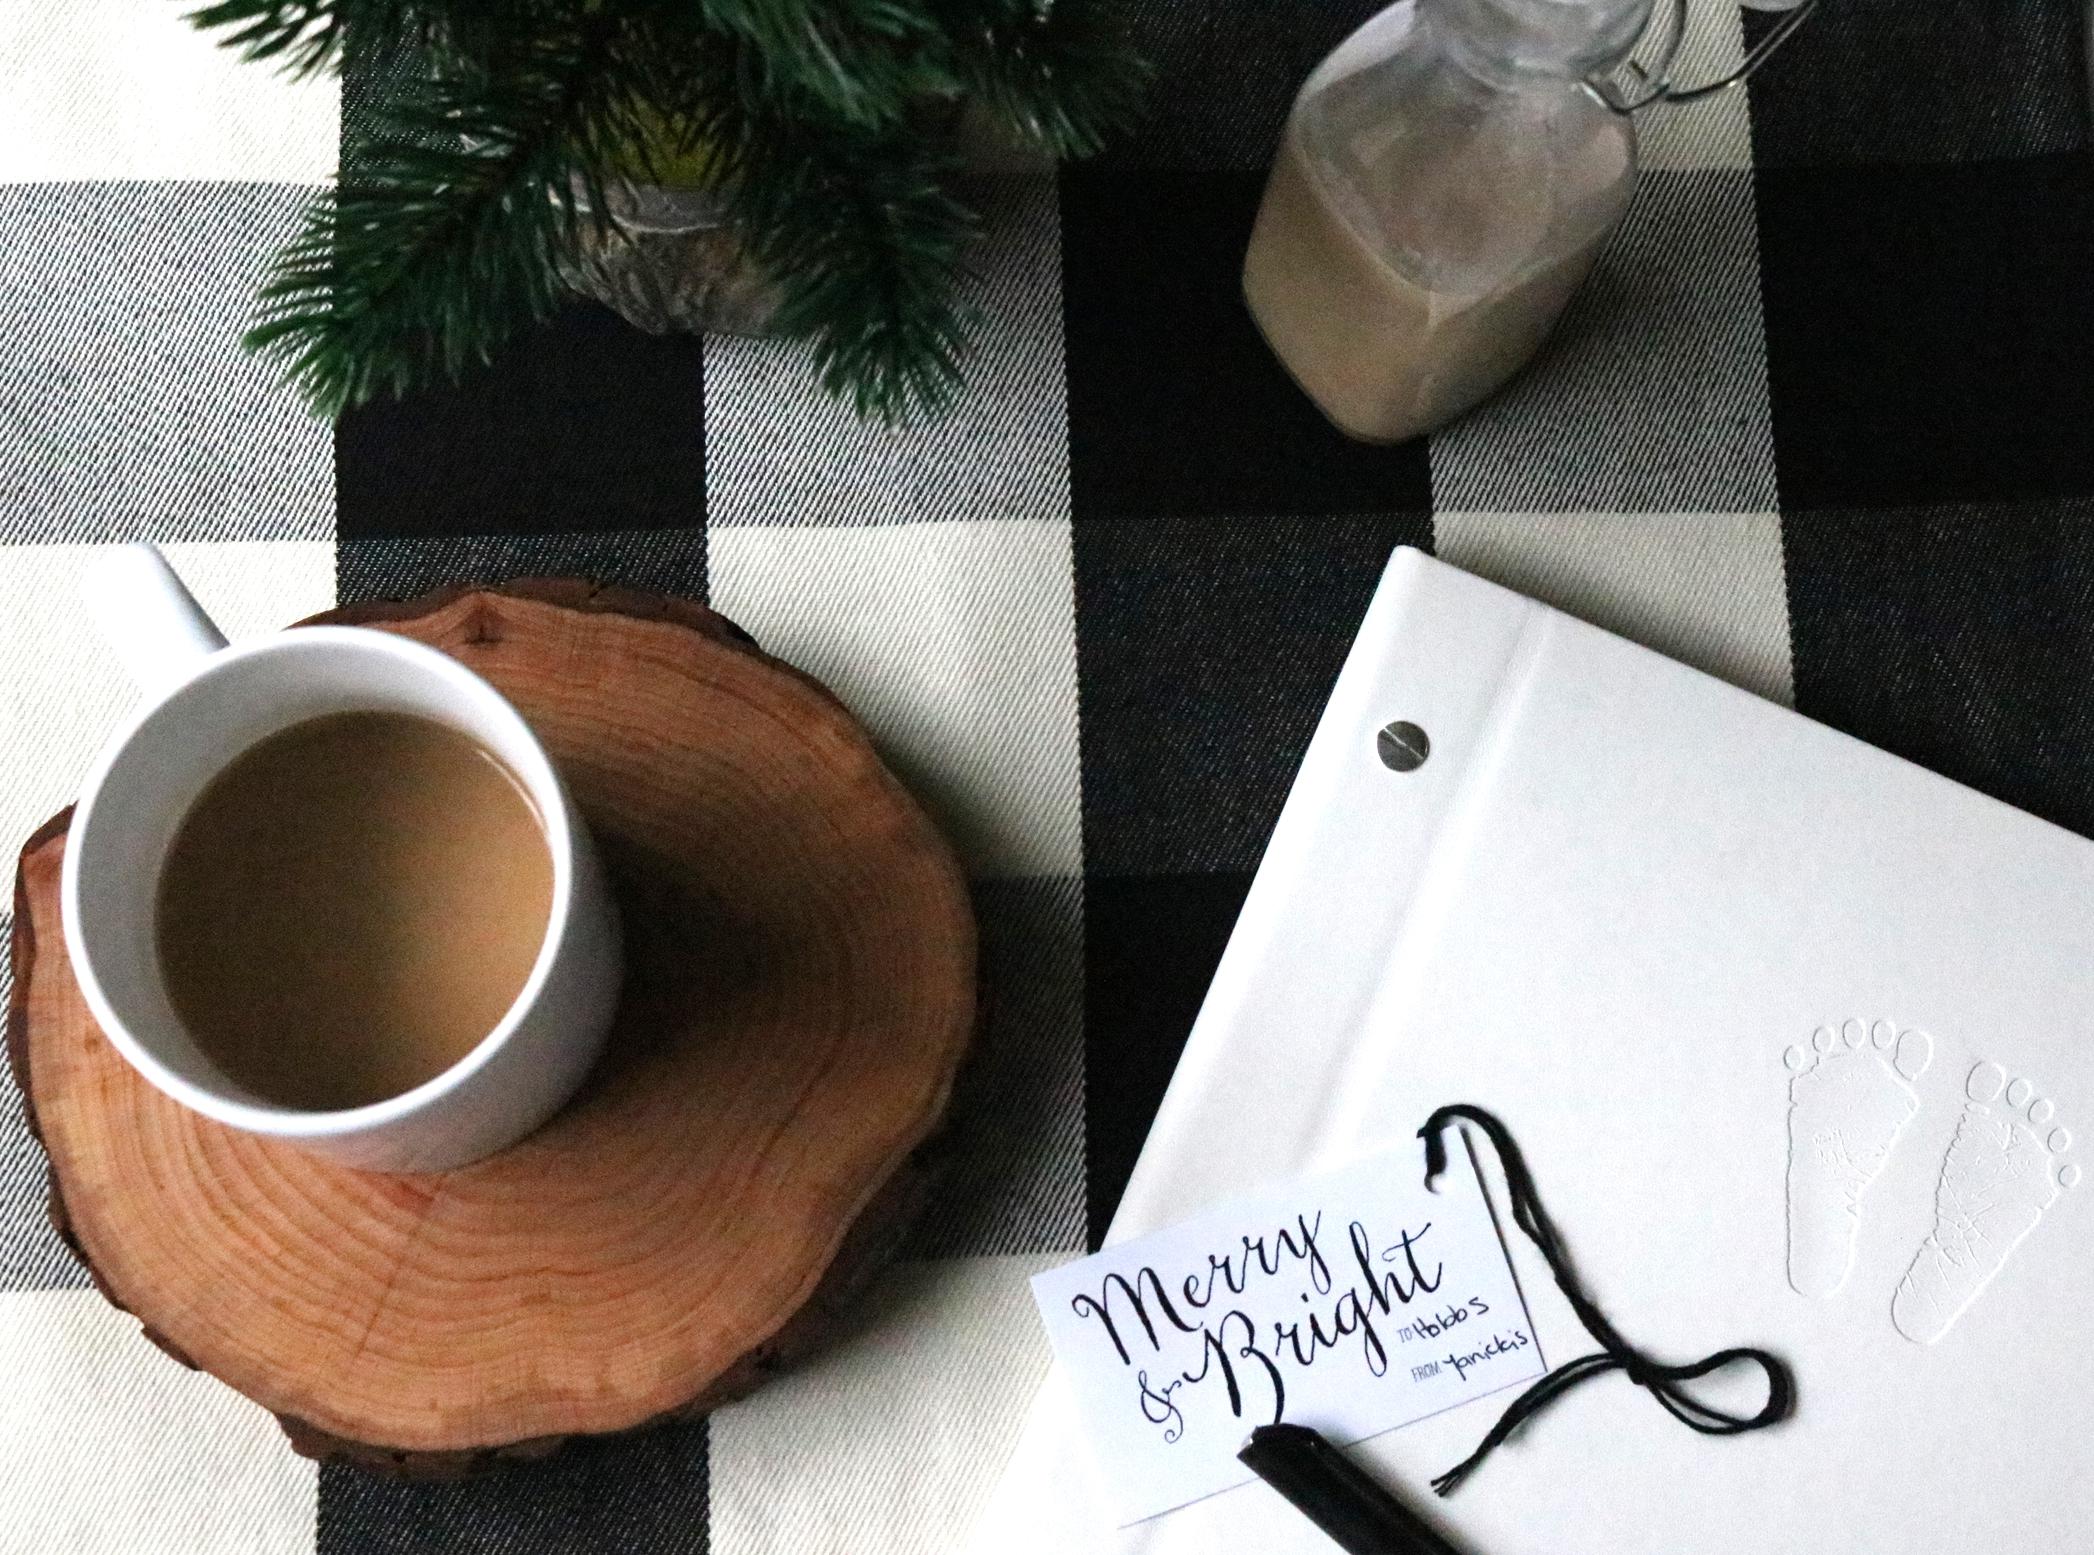 coffee with homemade Baileys